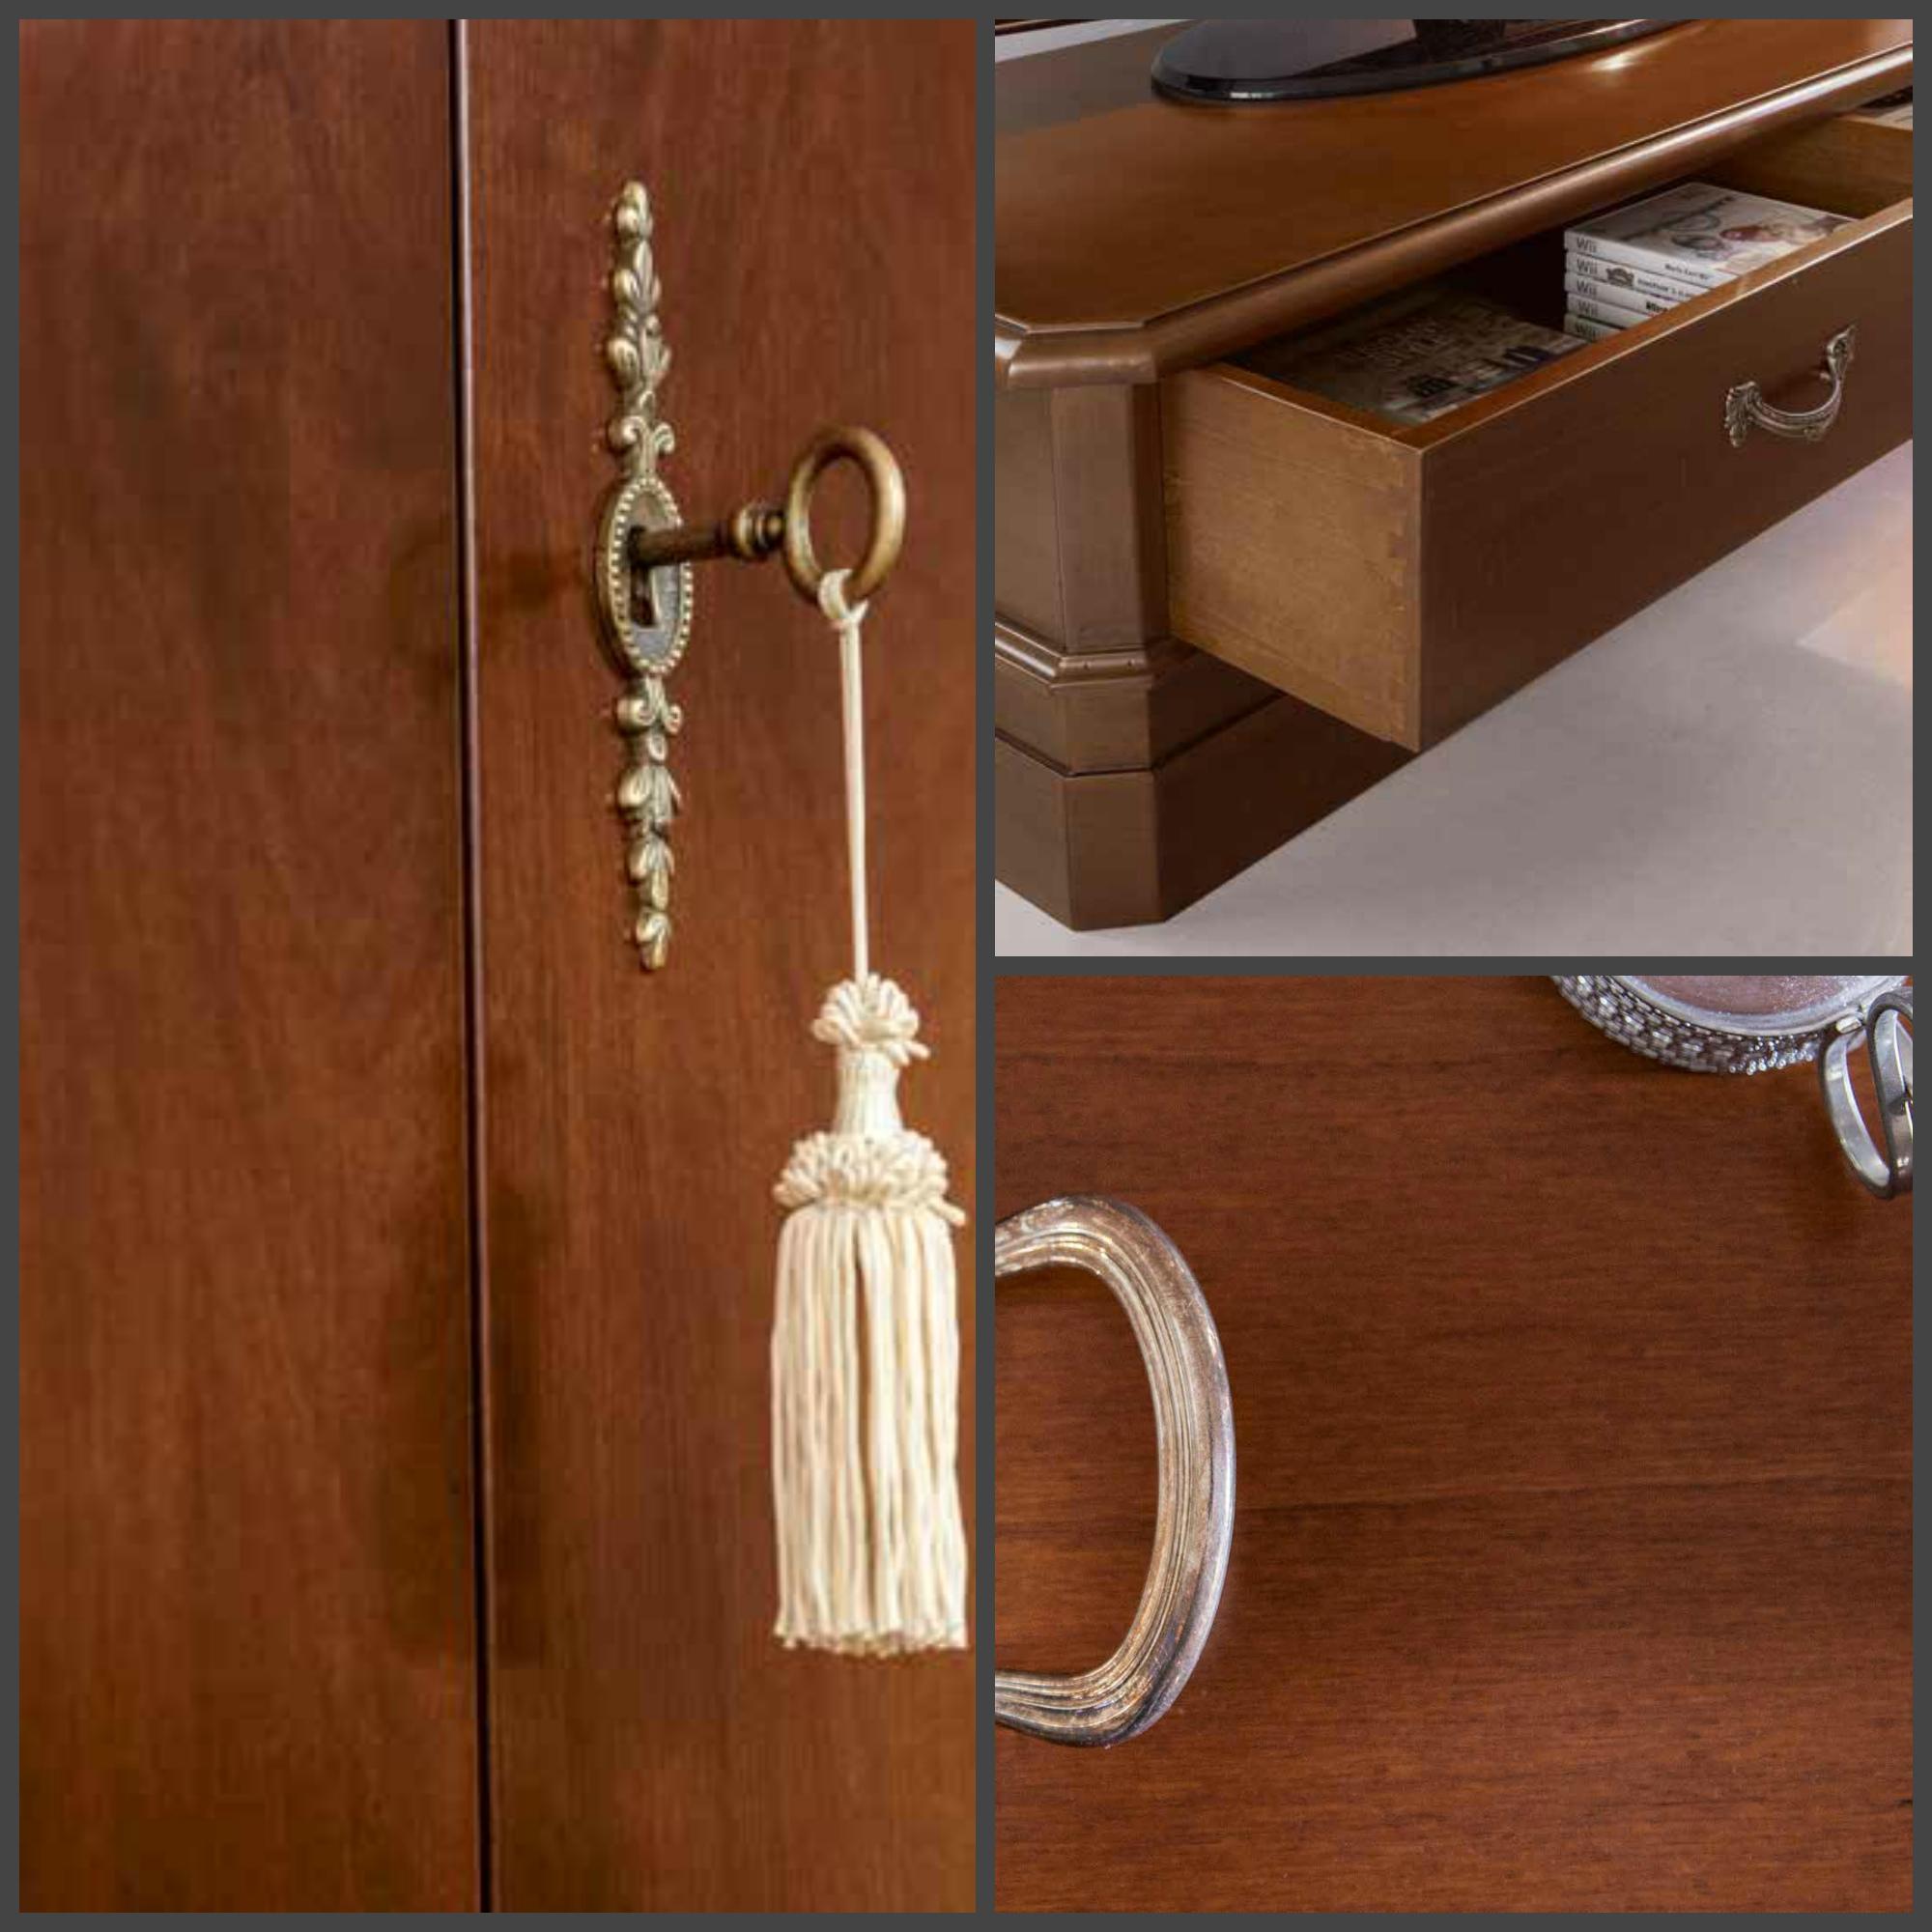 Soggiorno mobile porta tv in legno style classico - Mobile porta tv classico legno ...